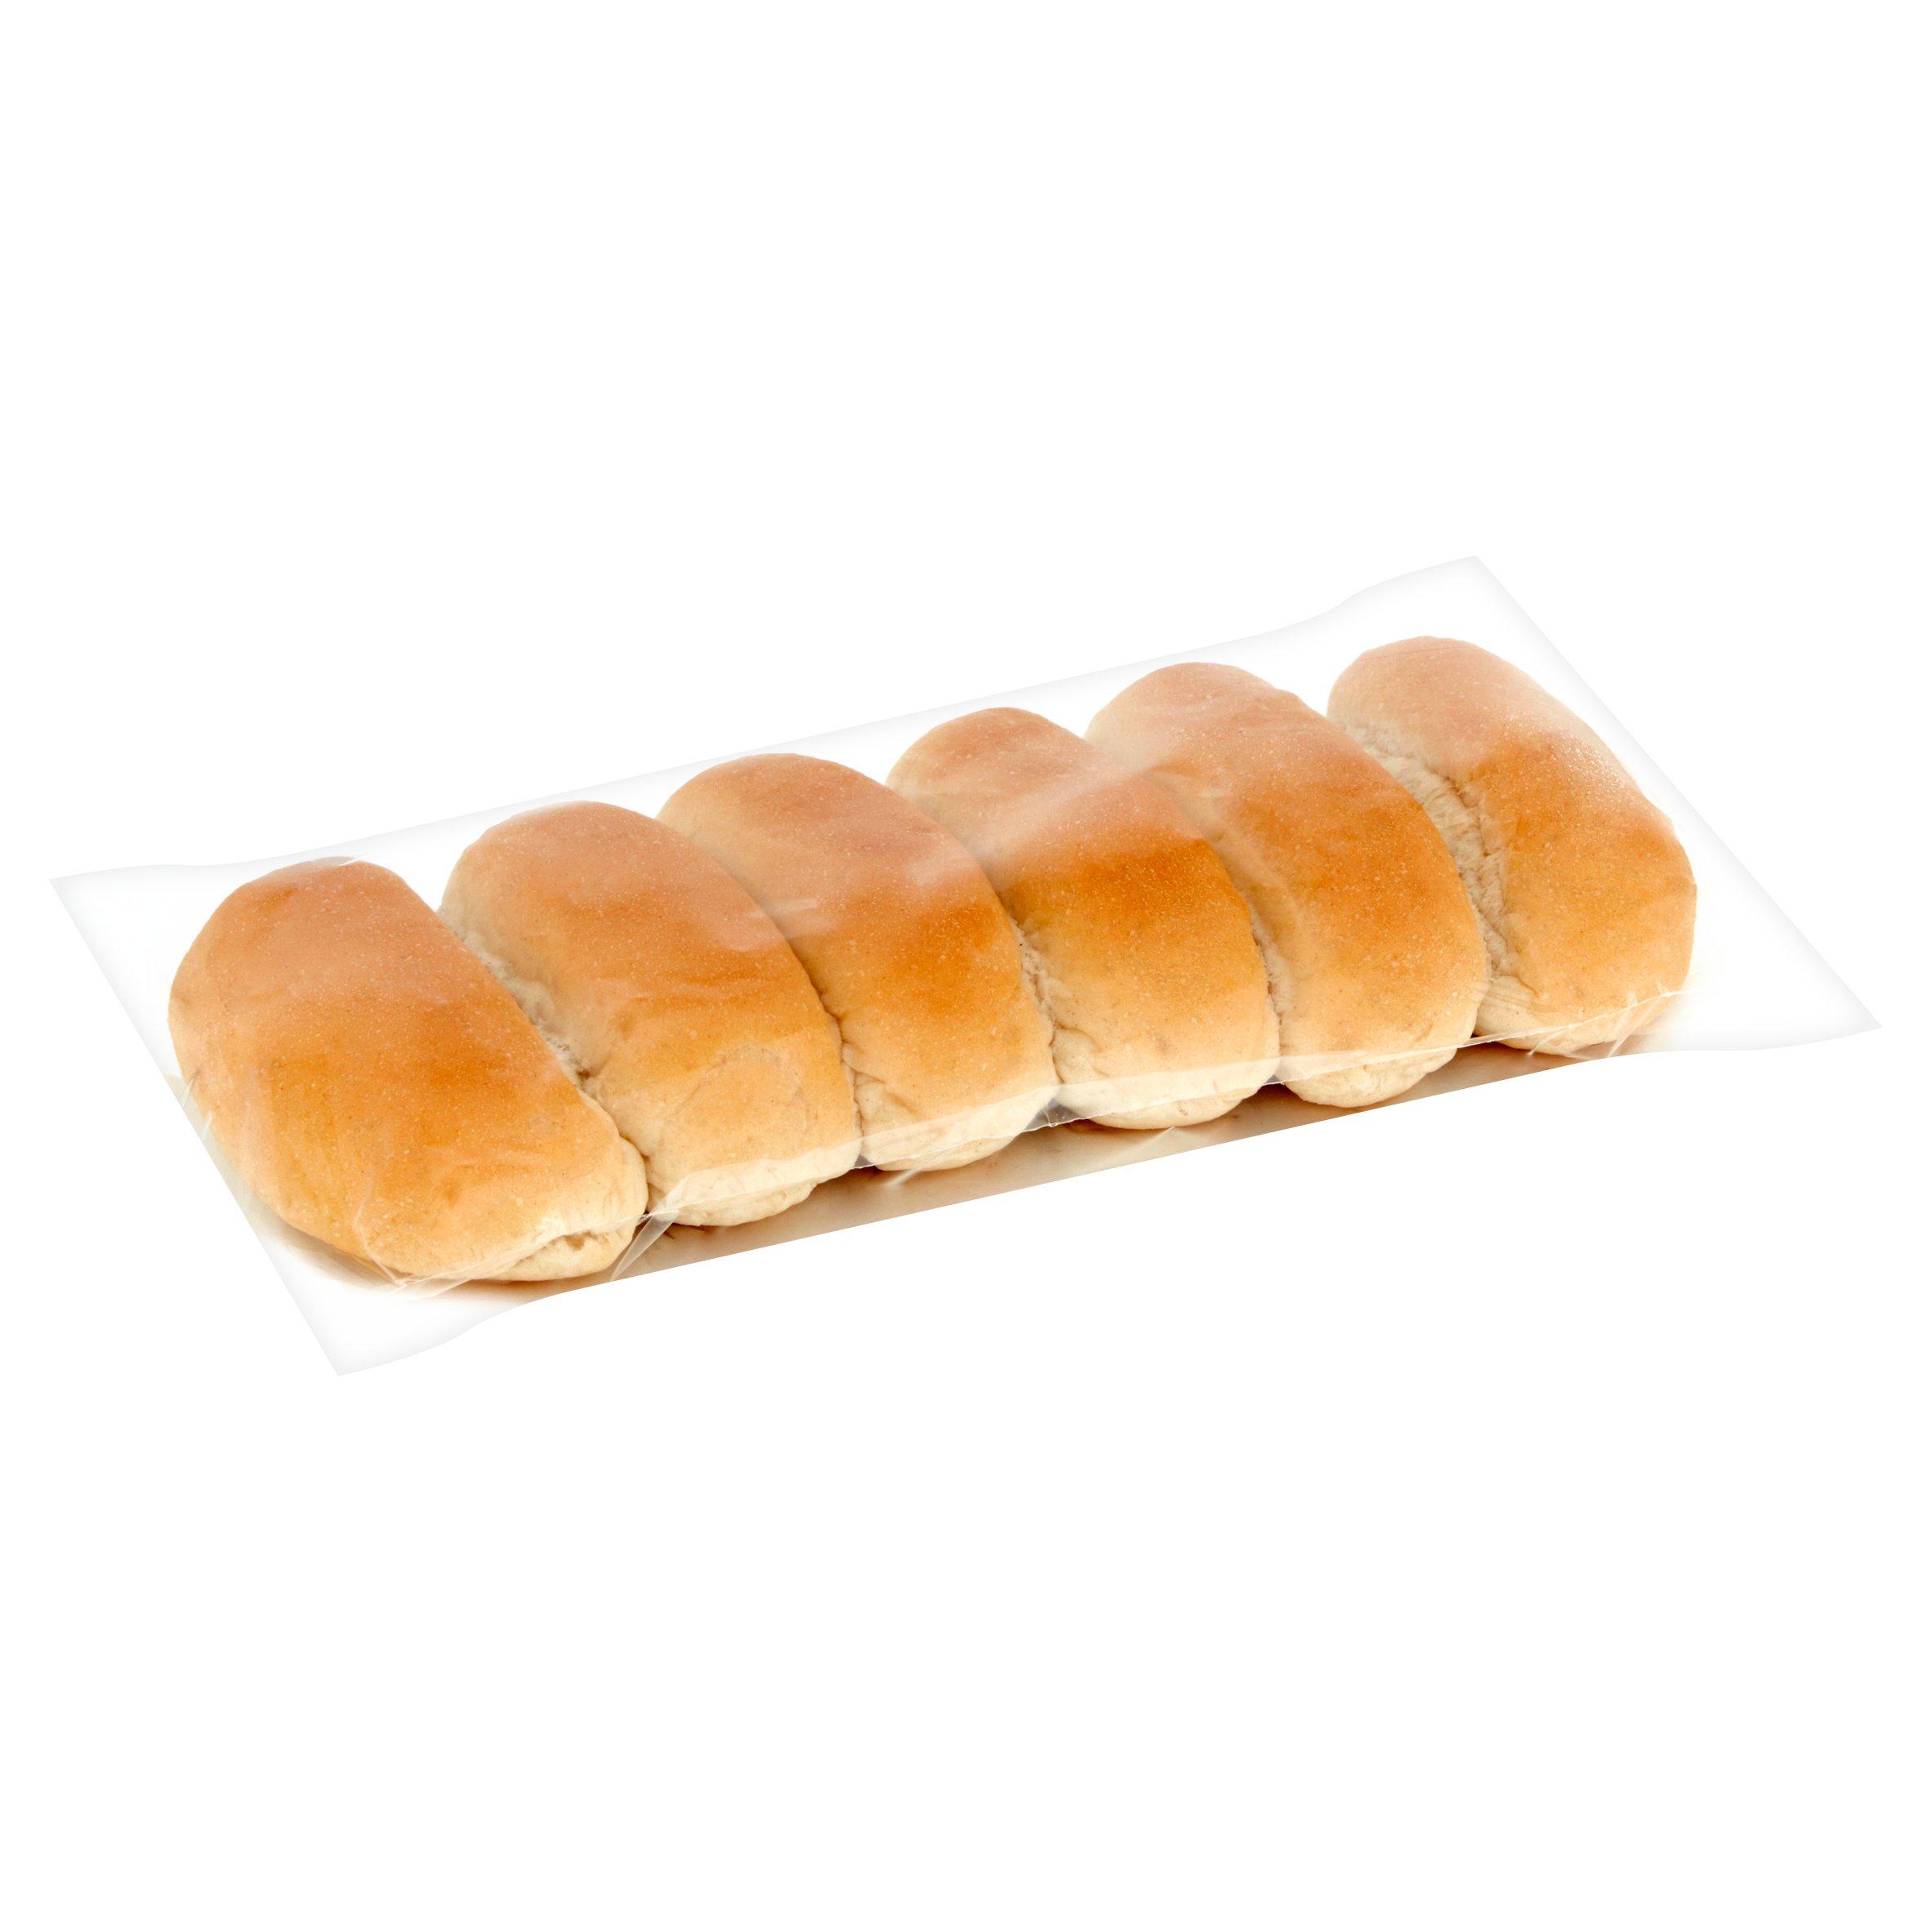 6 Pack White Finger Rolls